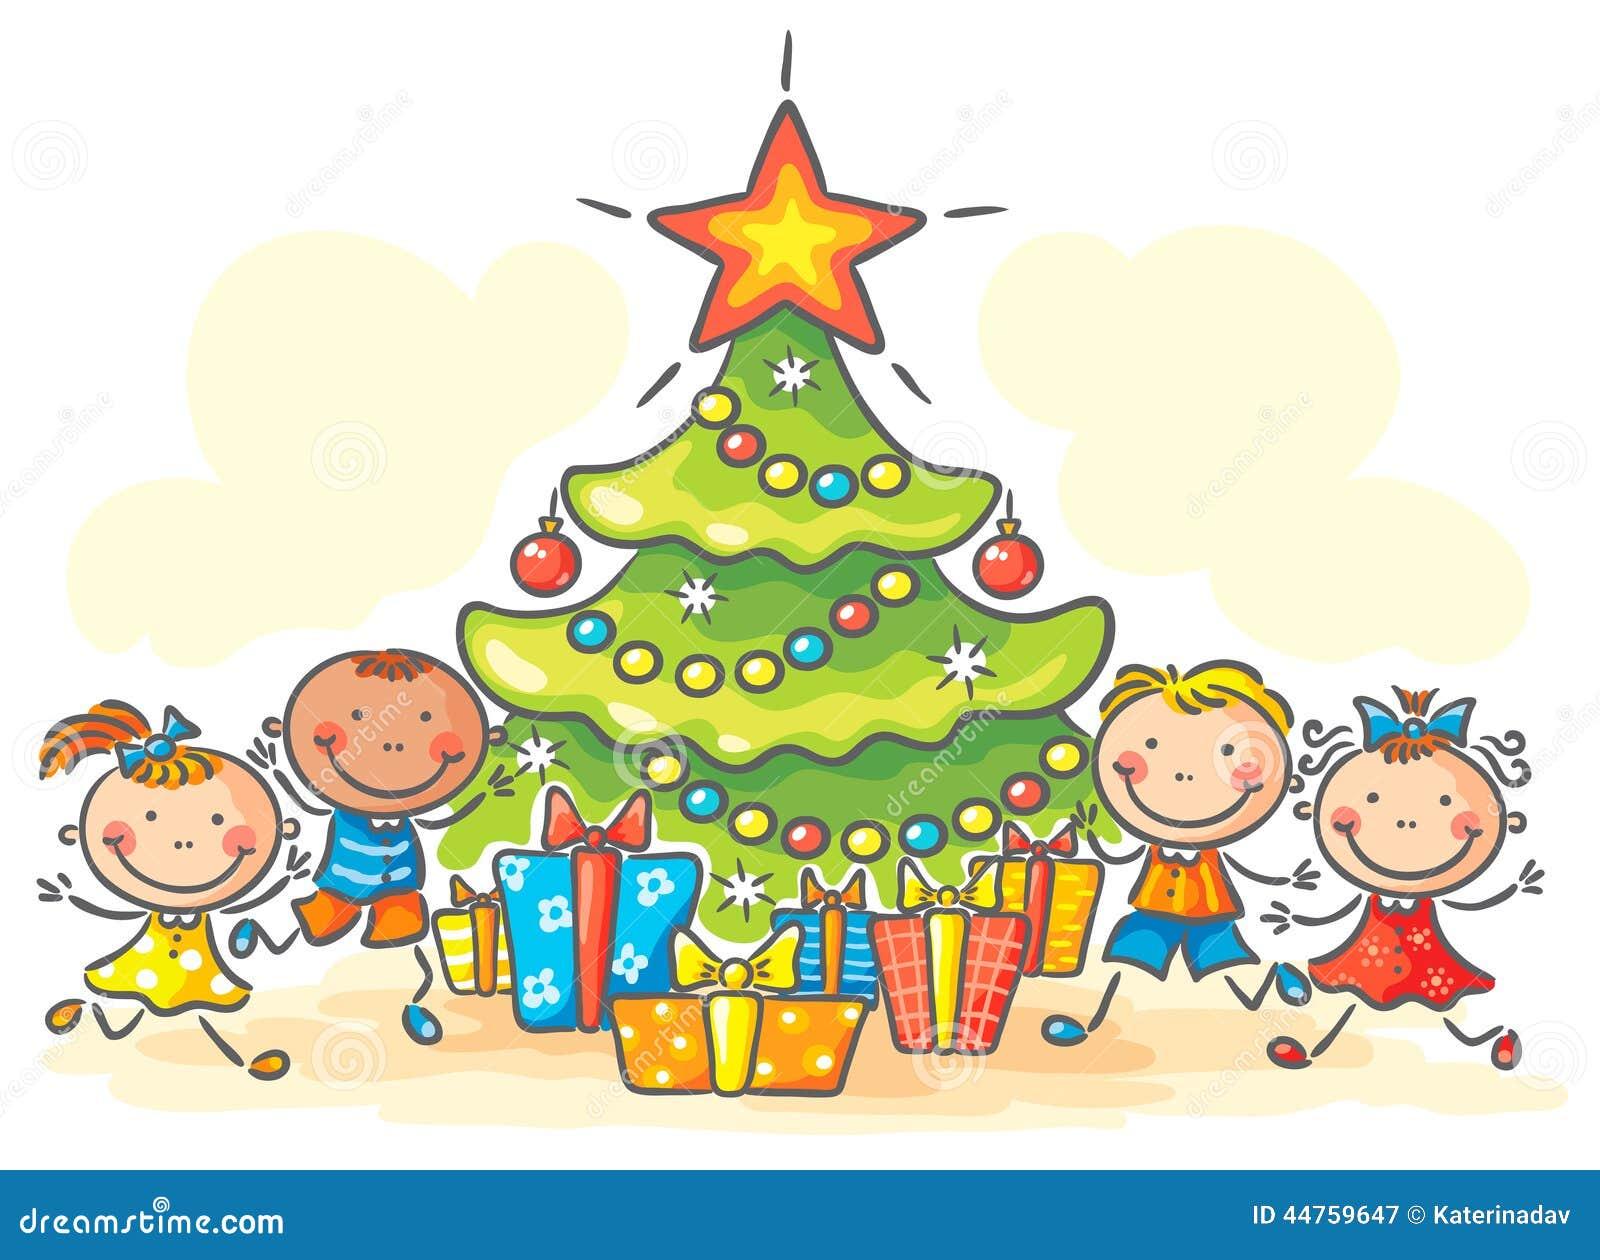 Briefe An Kinder Zu Weihnachten : Kinder die geschenke für weihnachten erhalten vektor